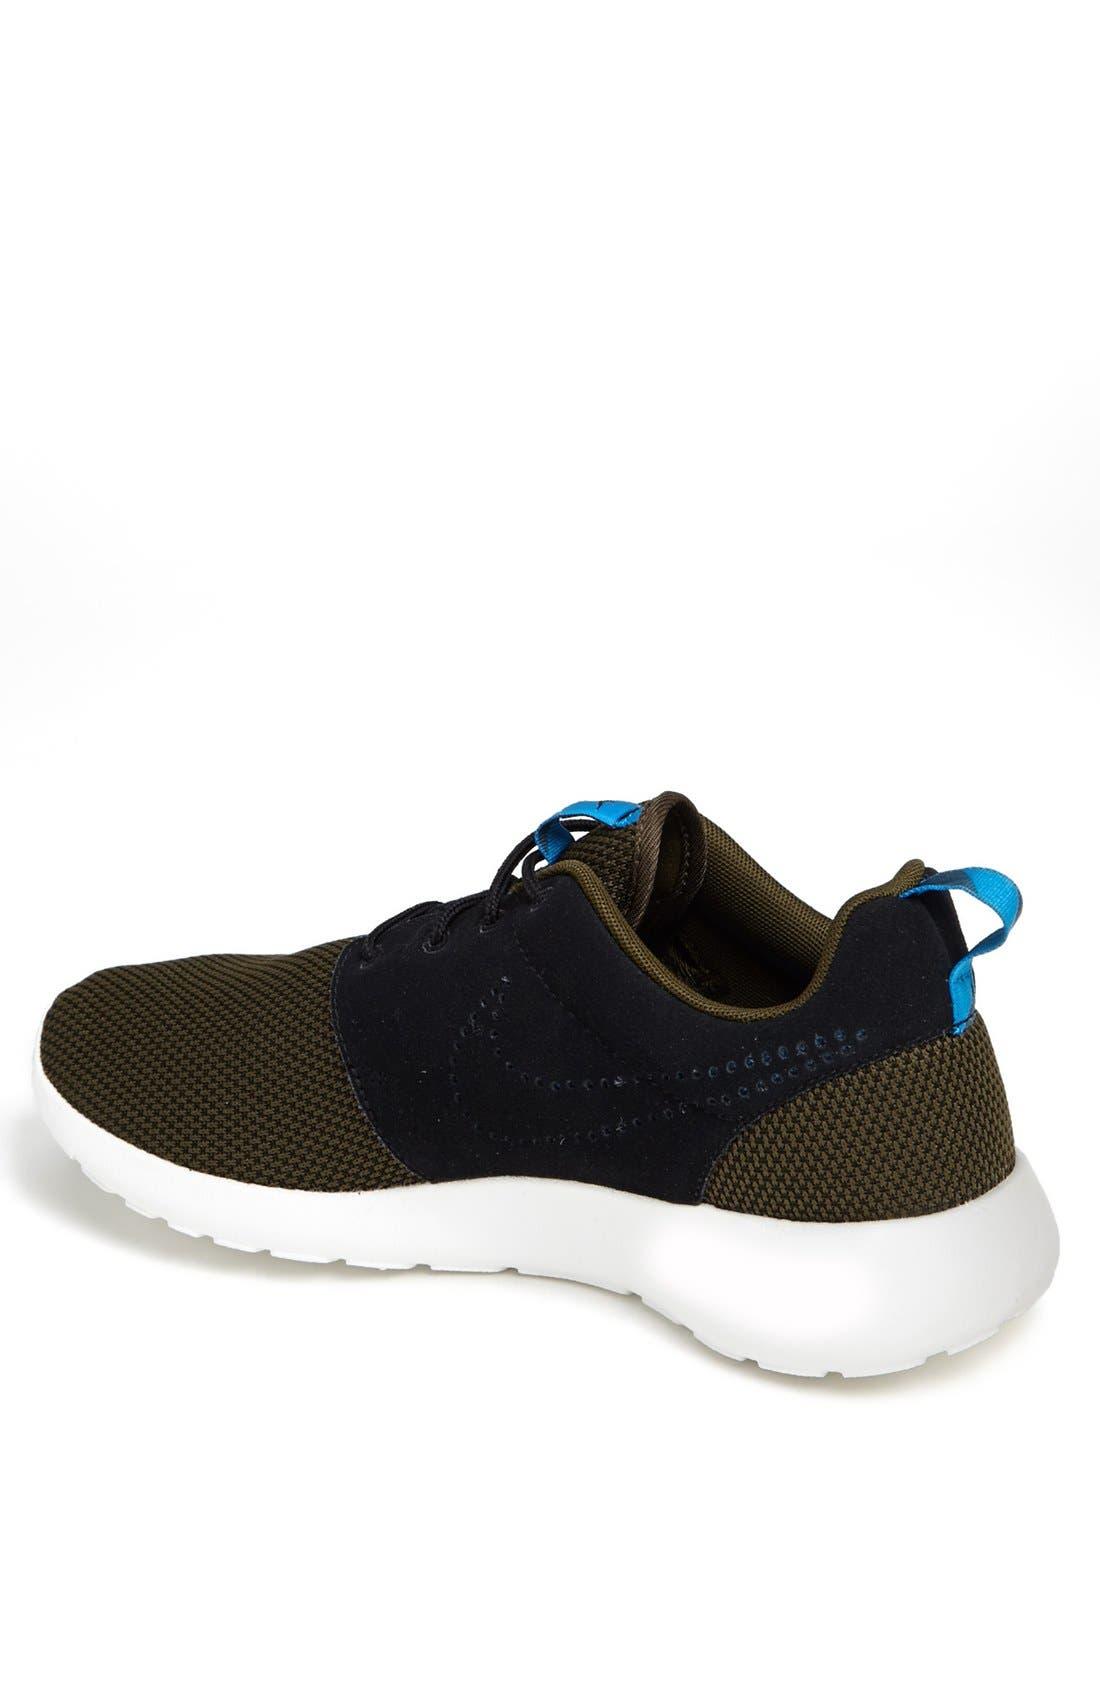 ,                             'Roshe Run' Sneaker,                             Alternate thumbnail 80, color,                             303